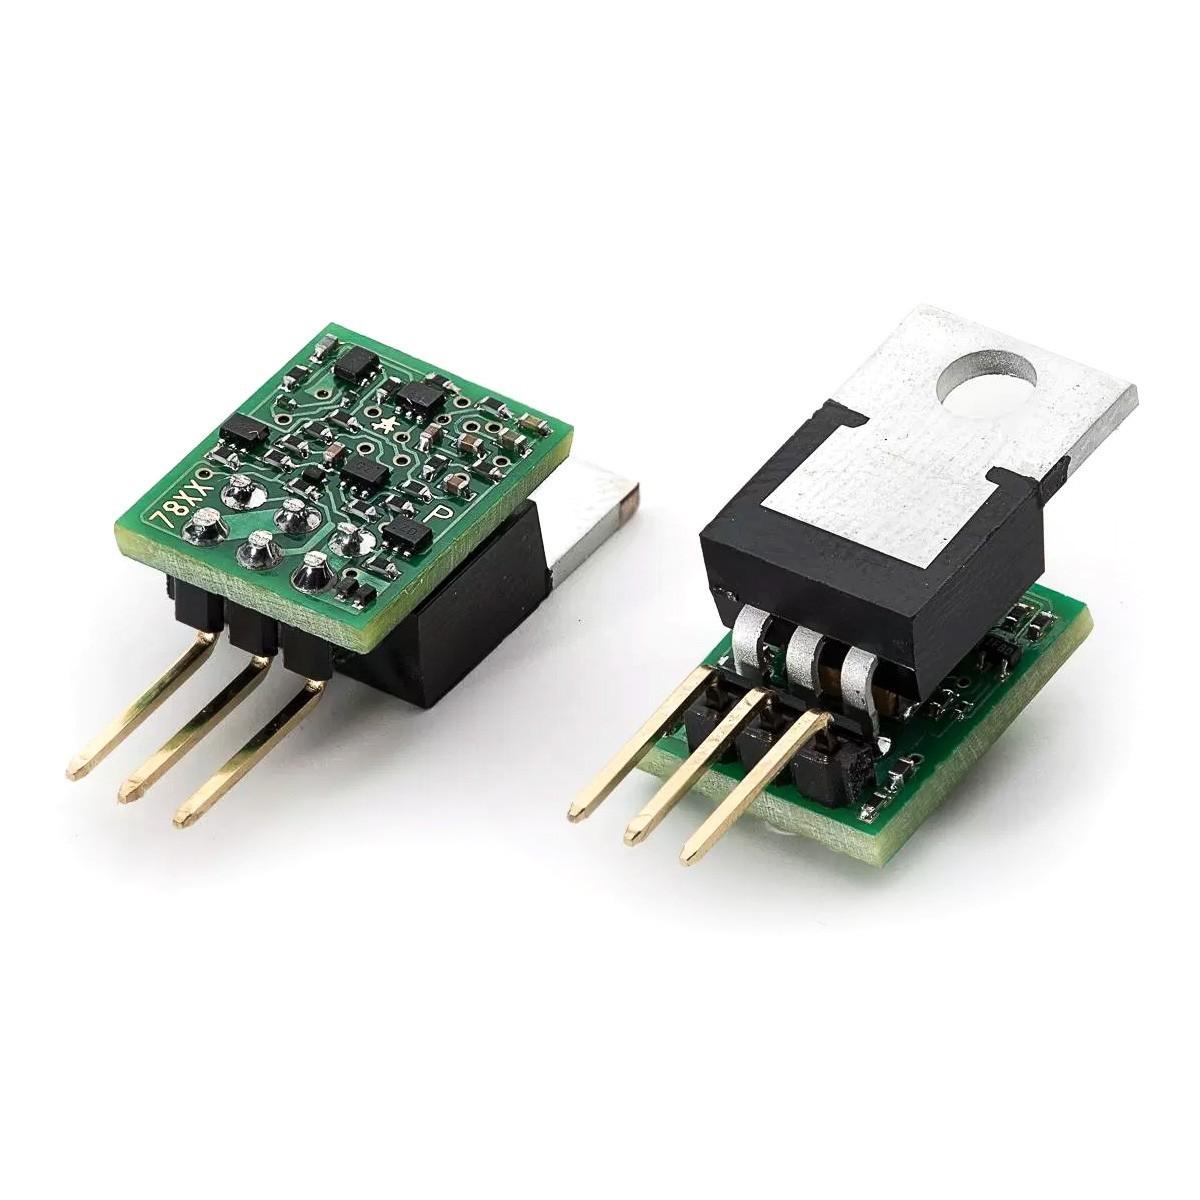 SPARKOS LABS SS7905 Discrete Voltage Regulator -5V